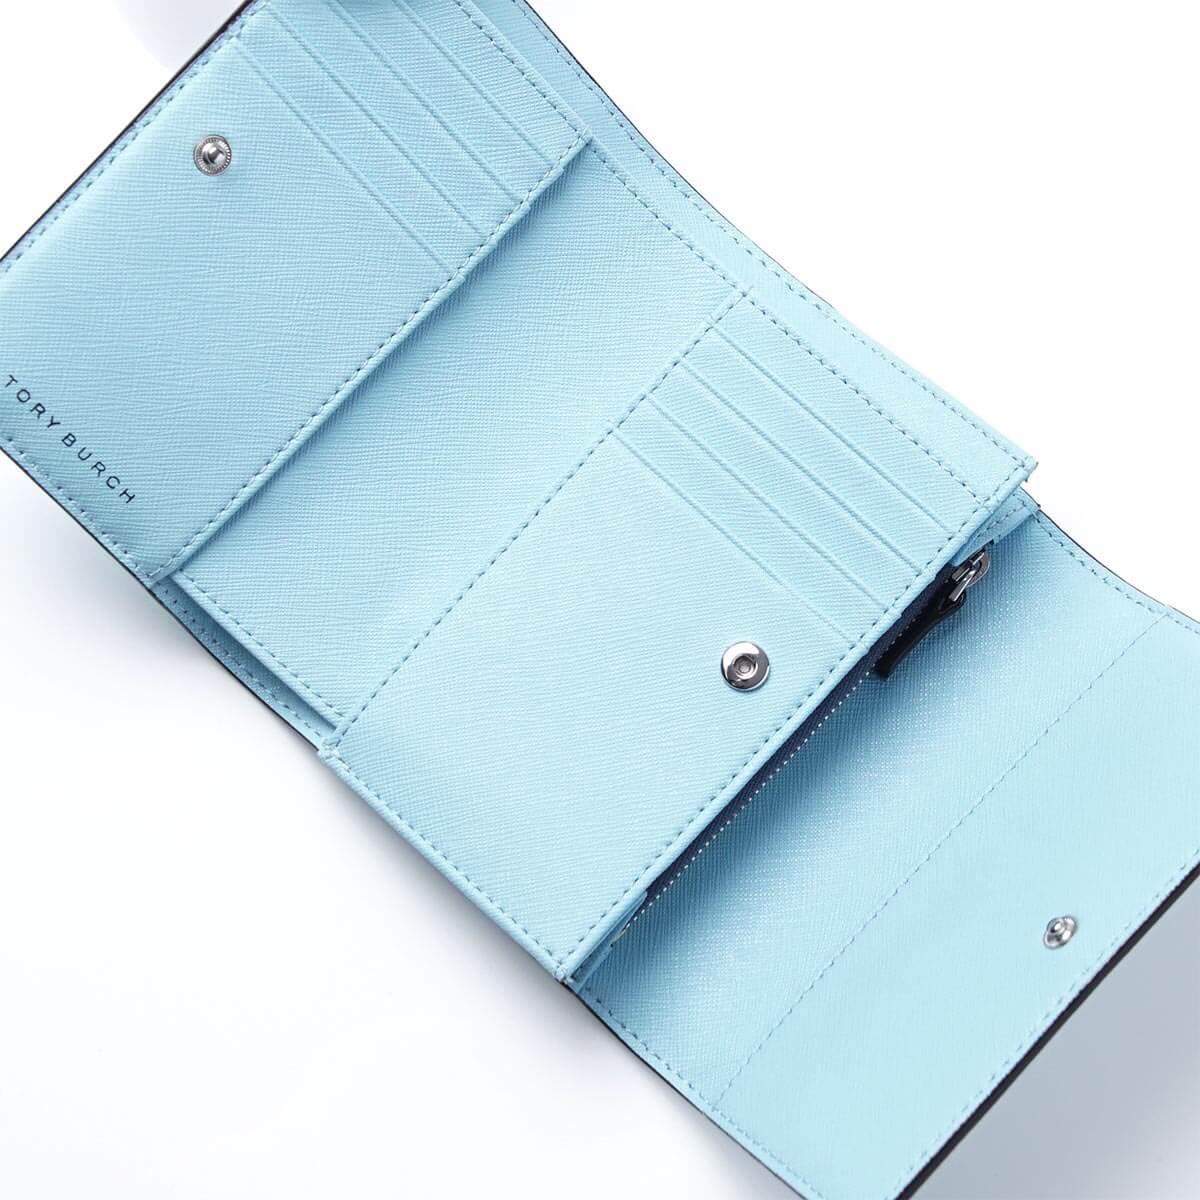 【Tory Burch】防刮簡約設計大容量中夾(黑/粉/藍) 1